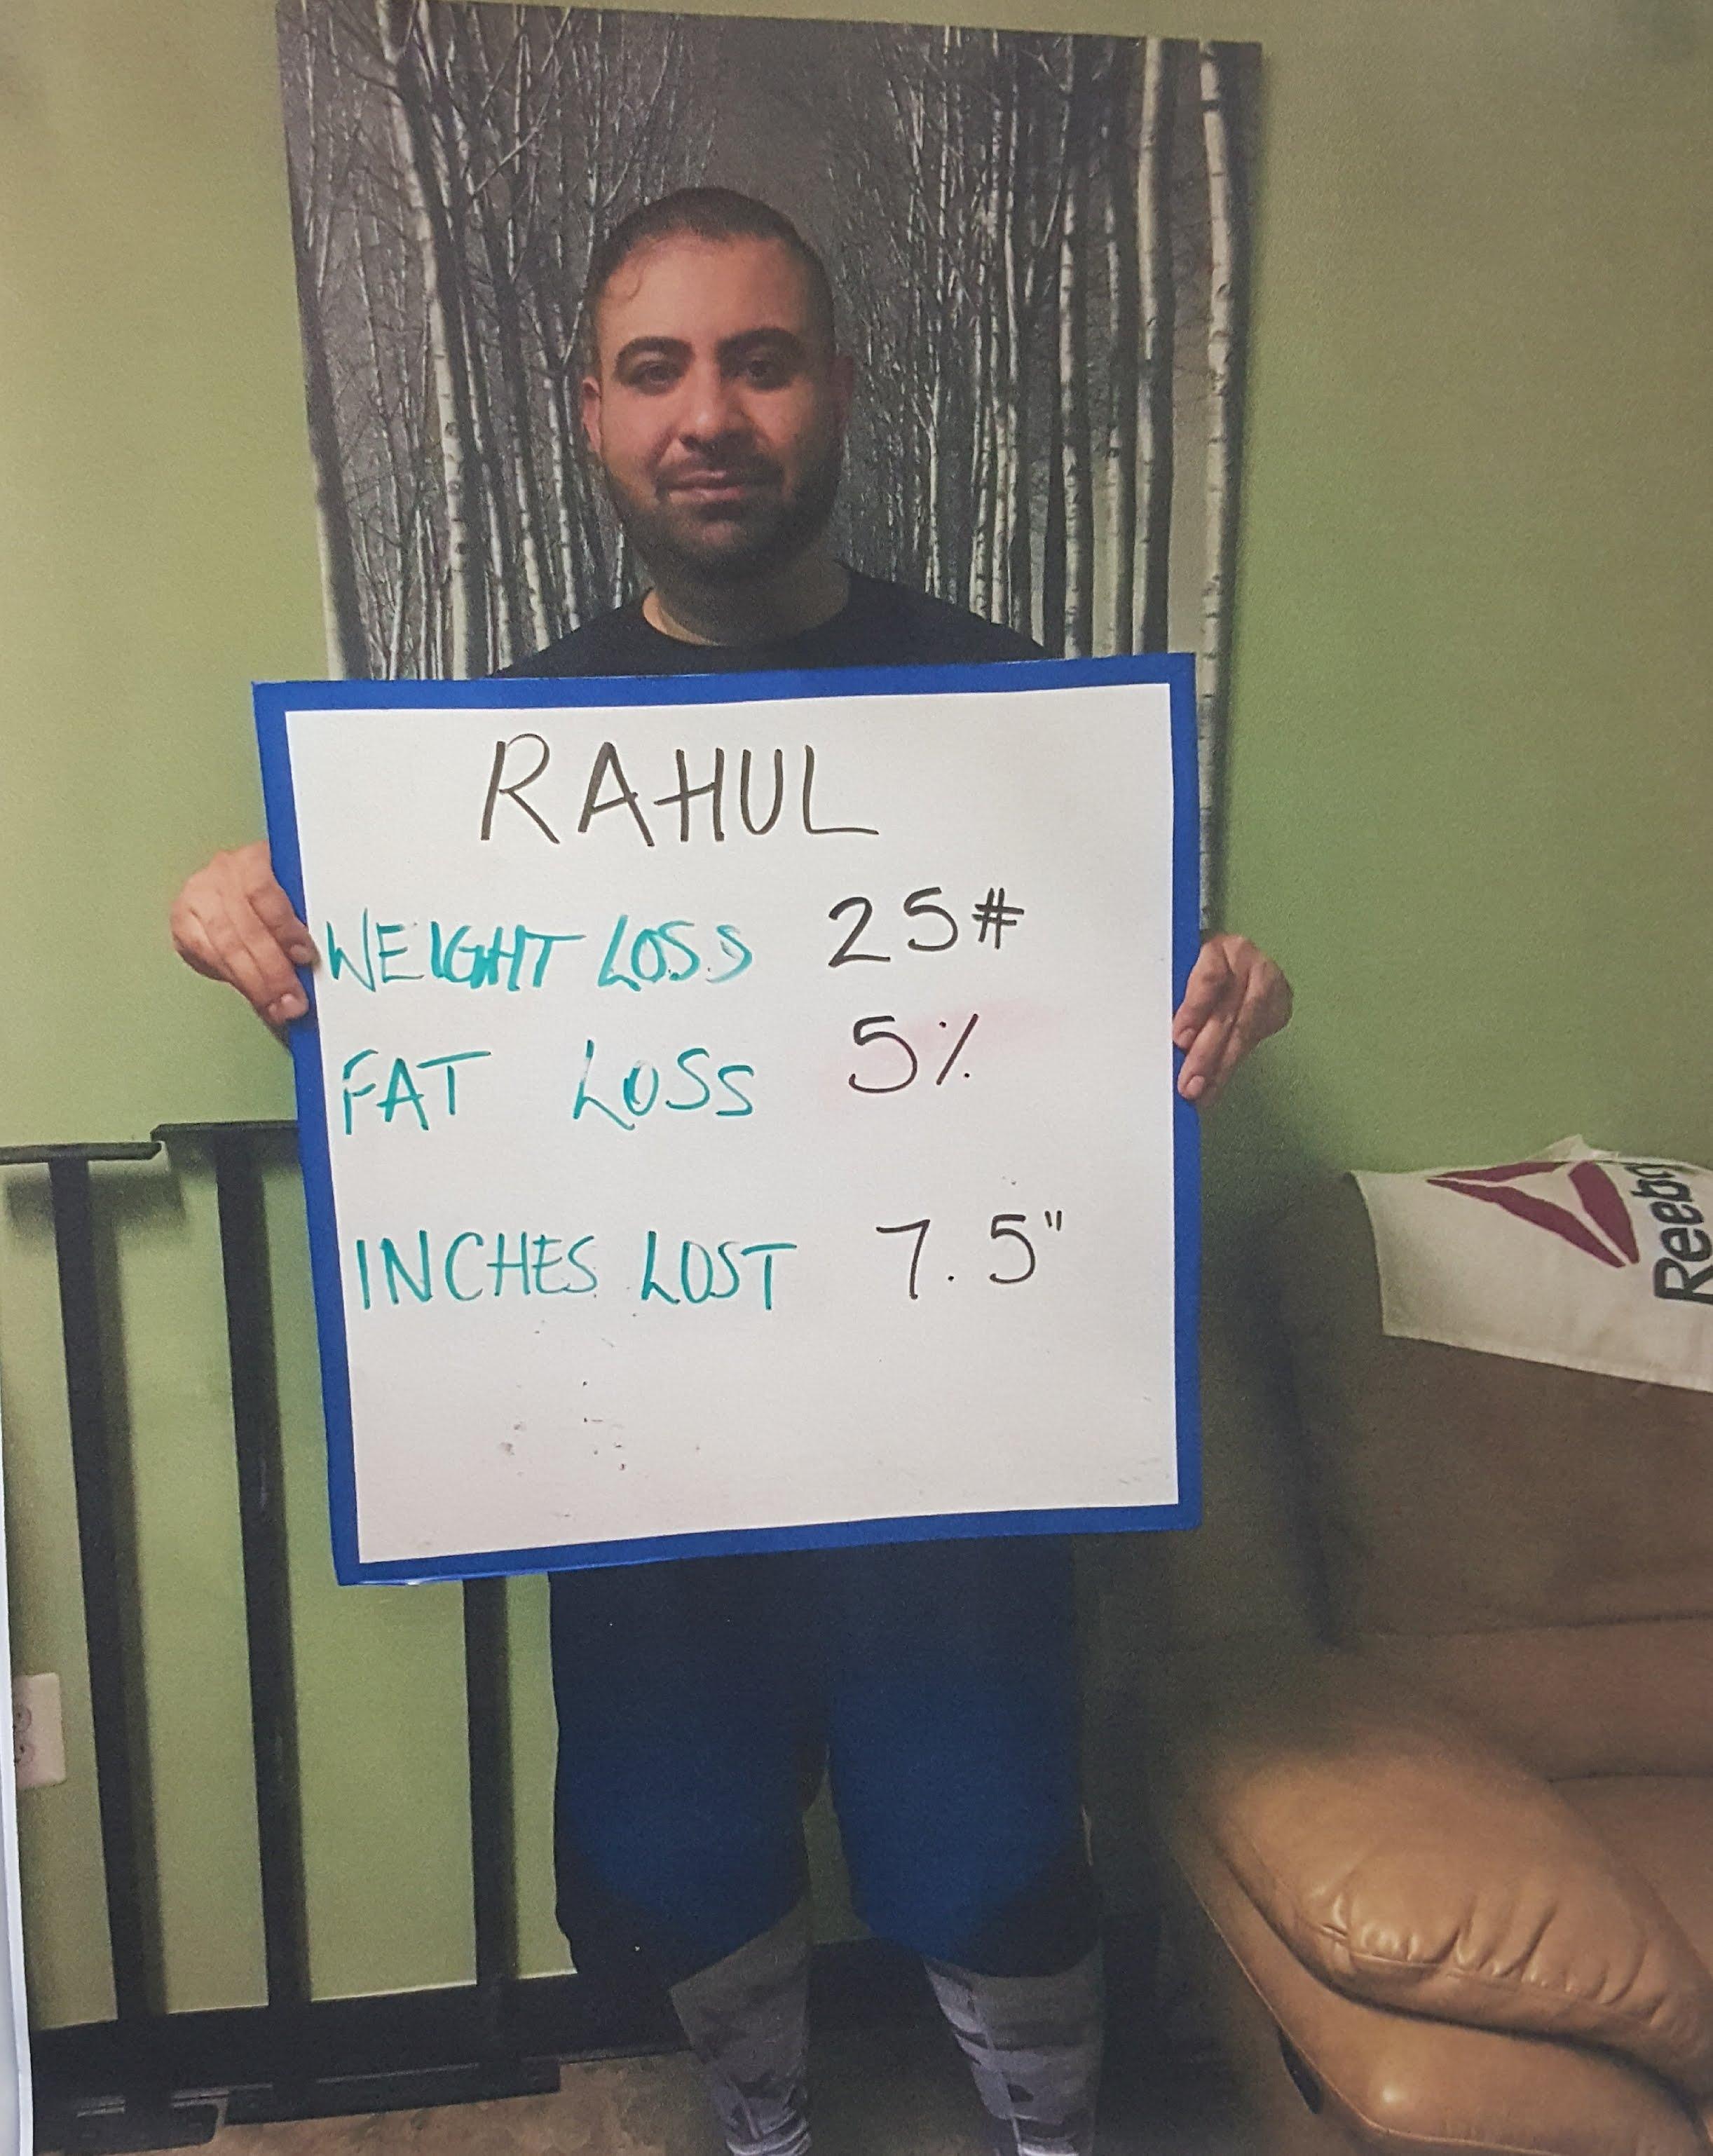 Rahul copy.jpg